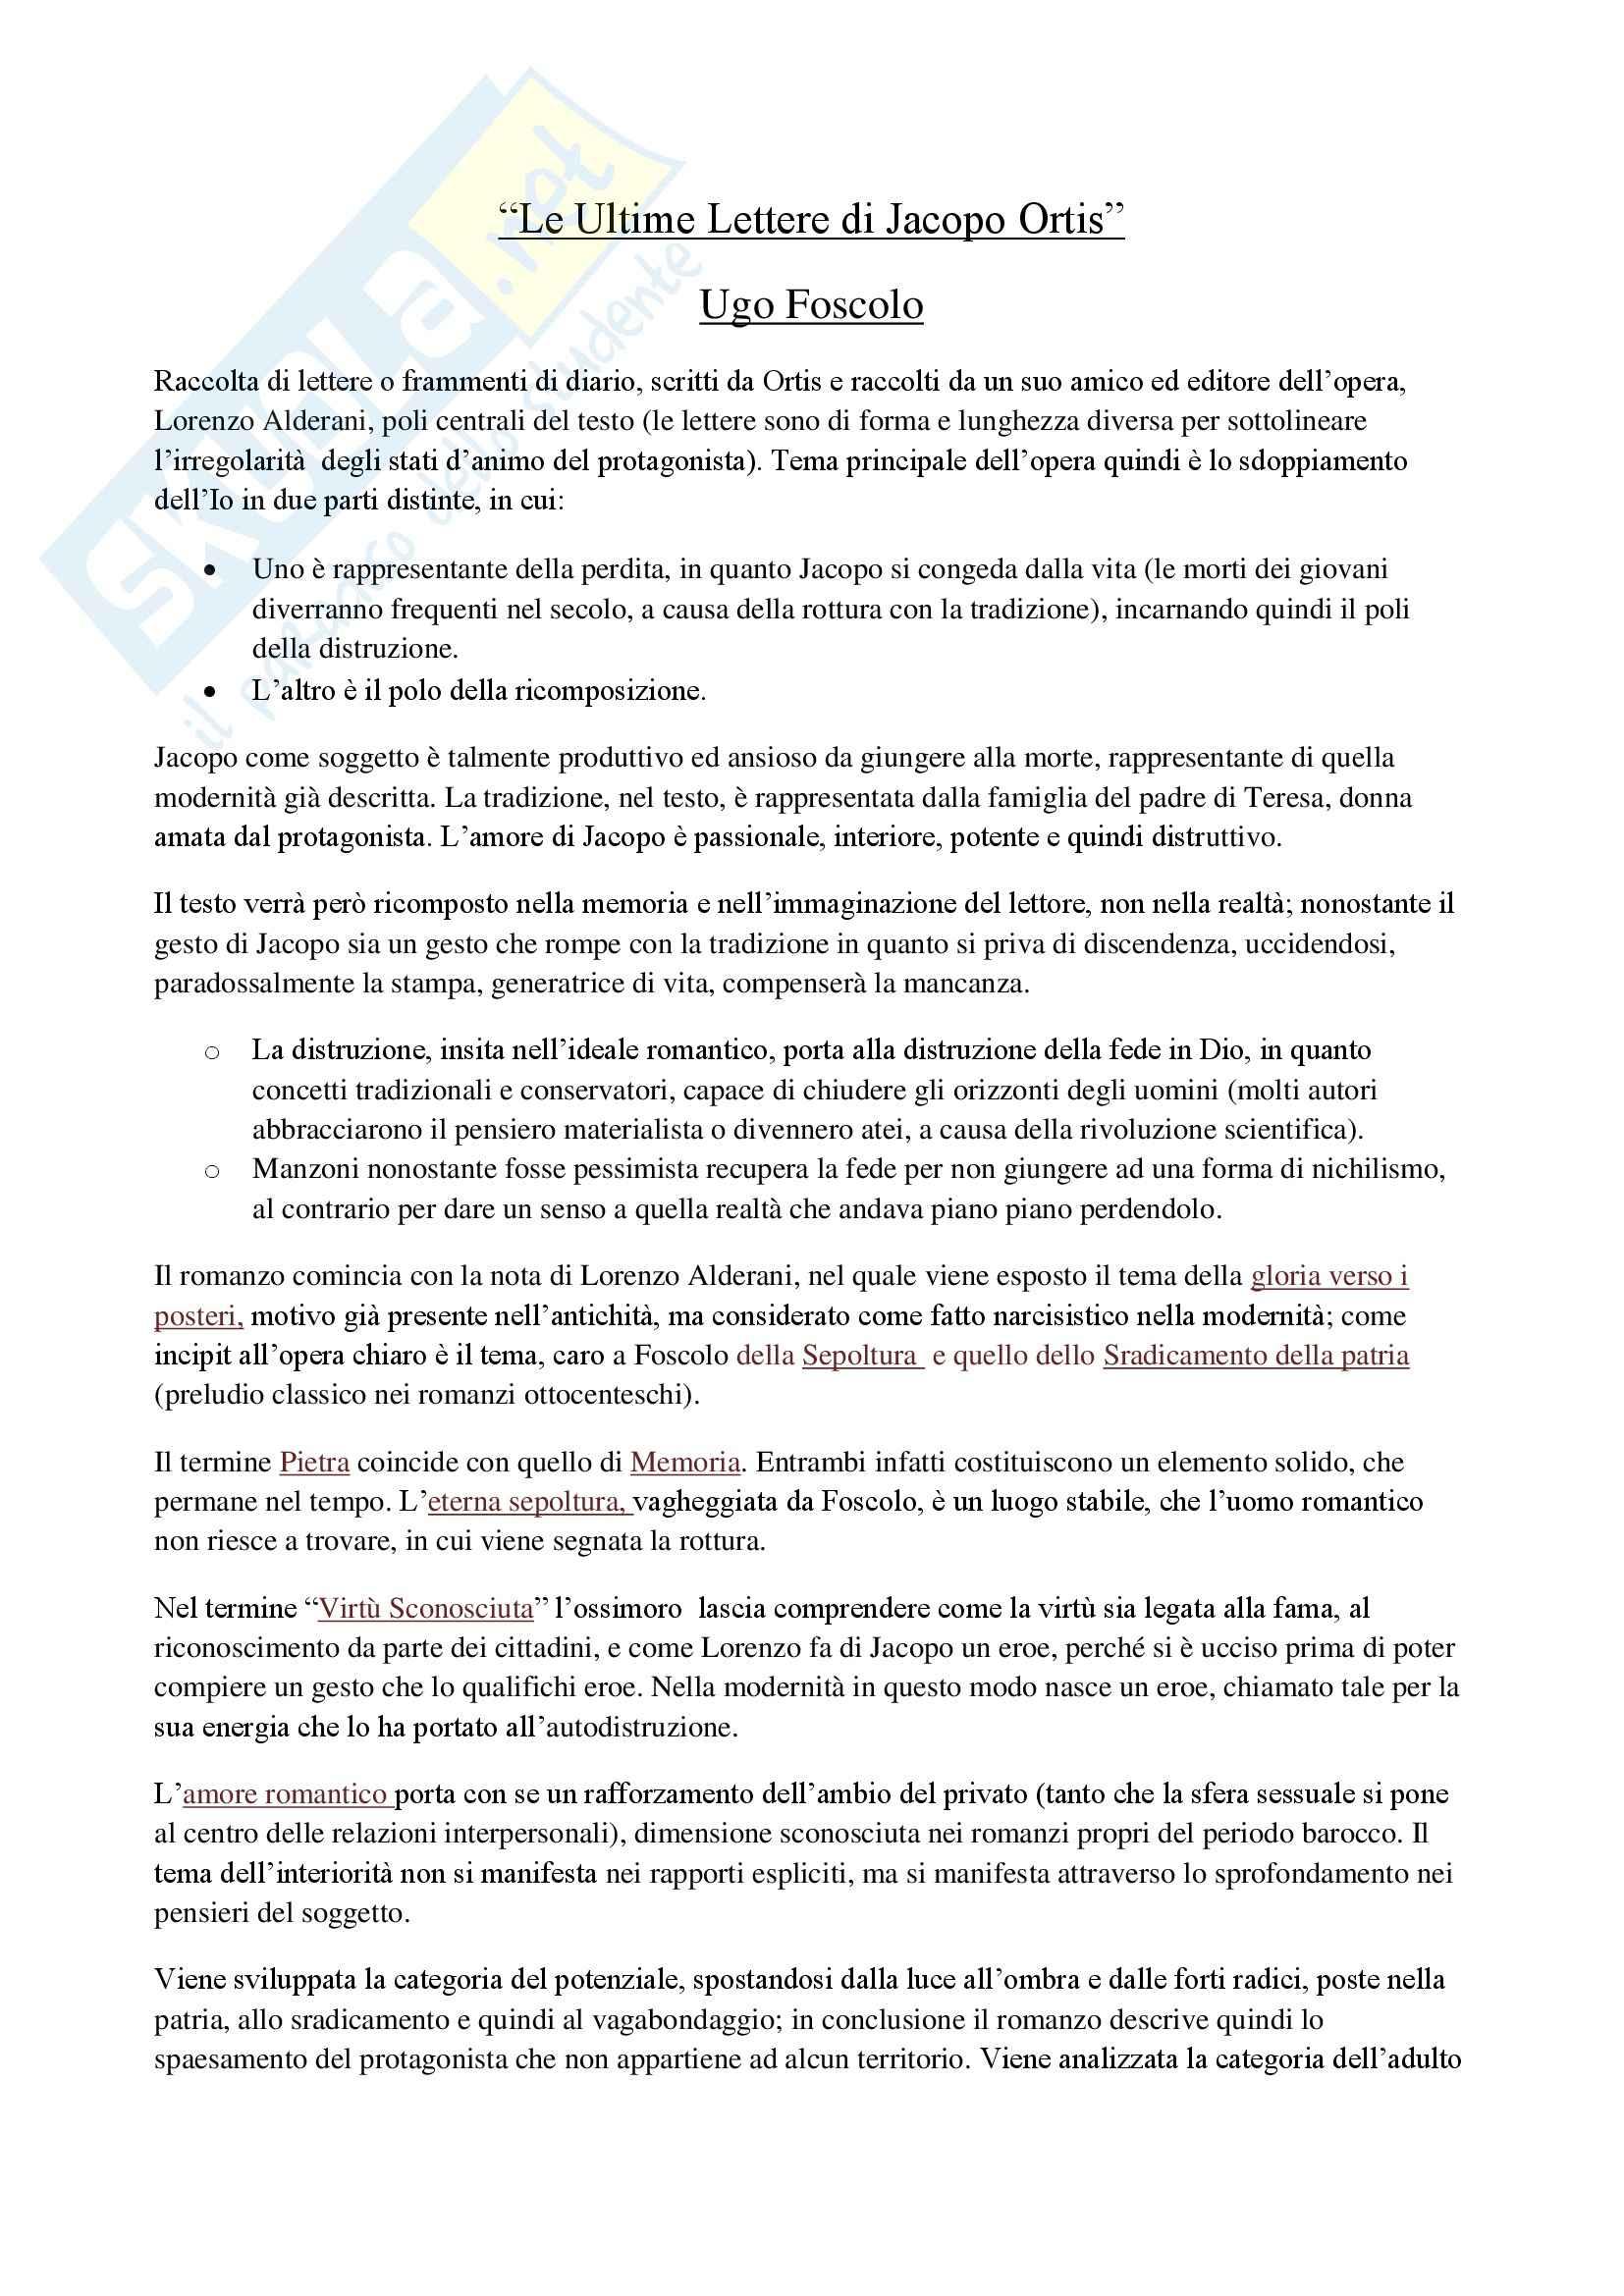 Letteratura italiana contemporanea - Le Ultime Lettere di Jacopo Ortis